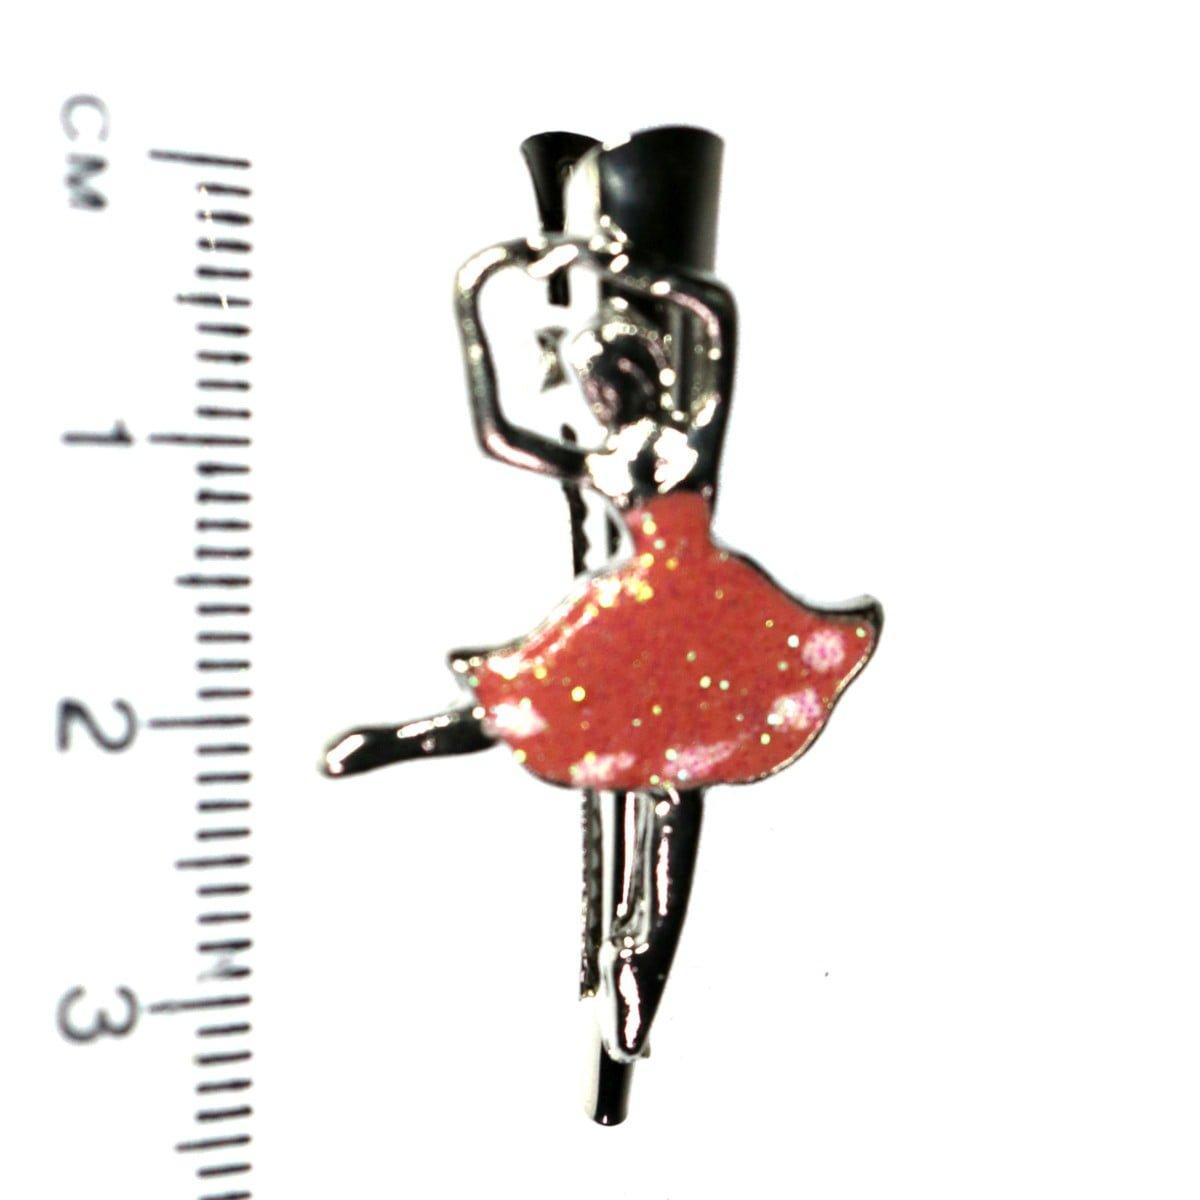 Ballerina hair clip on a beak clip. 2